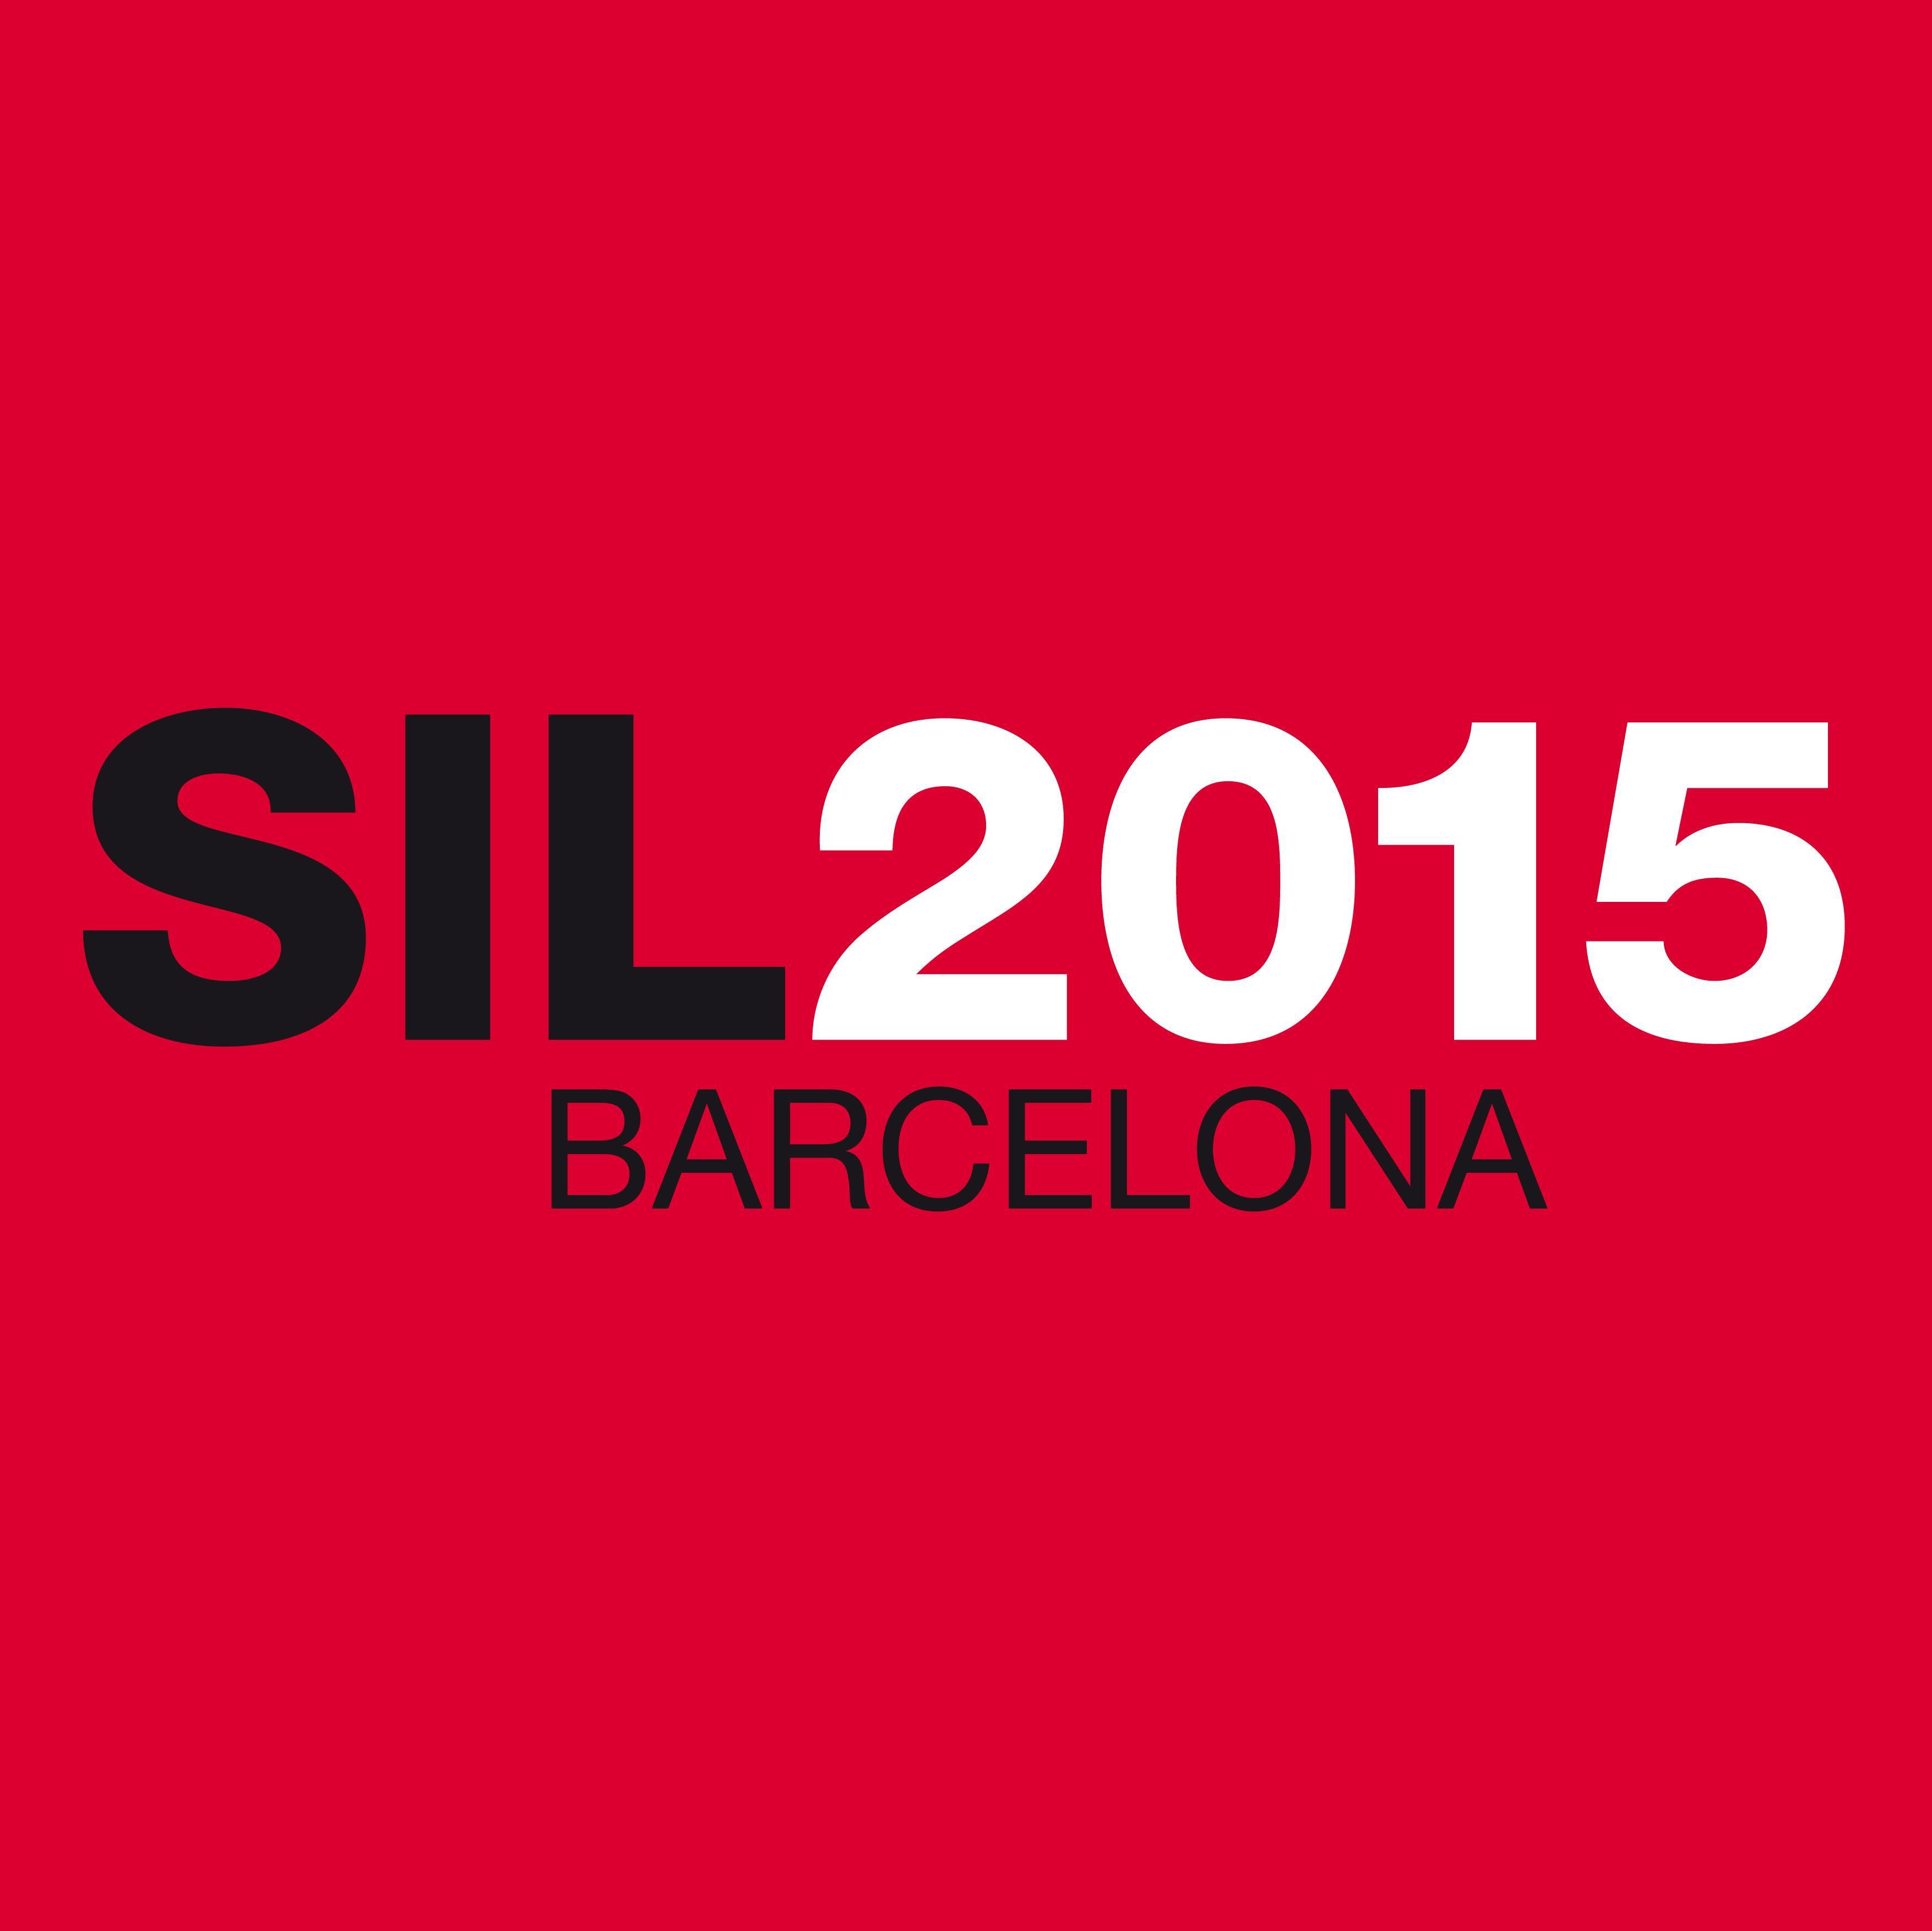 Le Sil Barcelone : un événement logistique incontournable sur le bassin méditerranéen